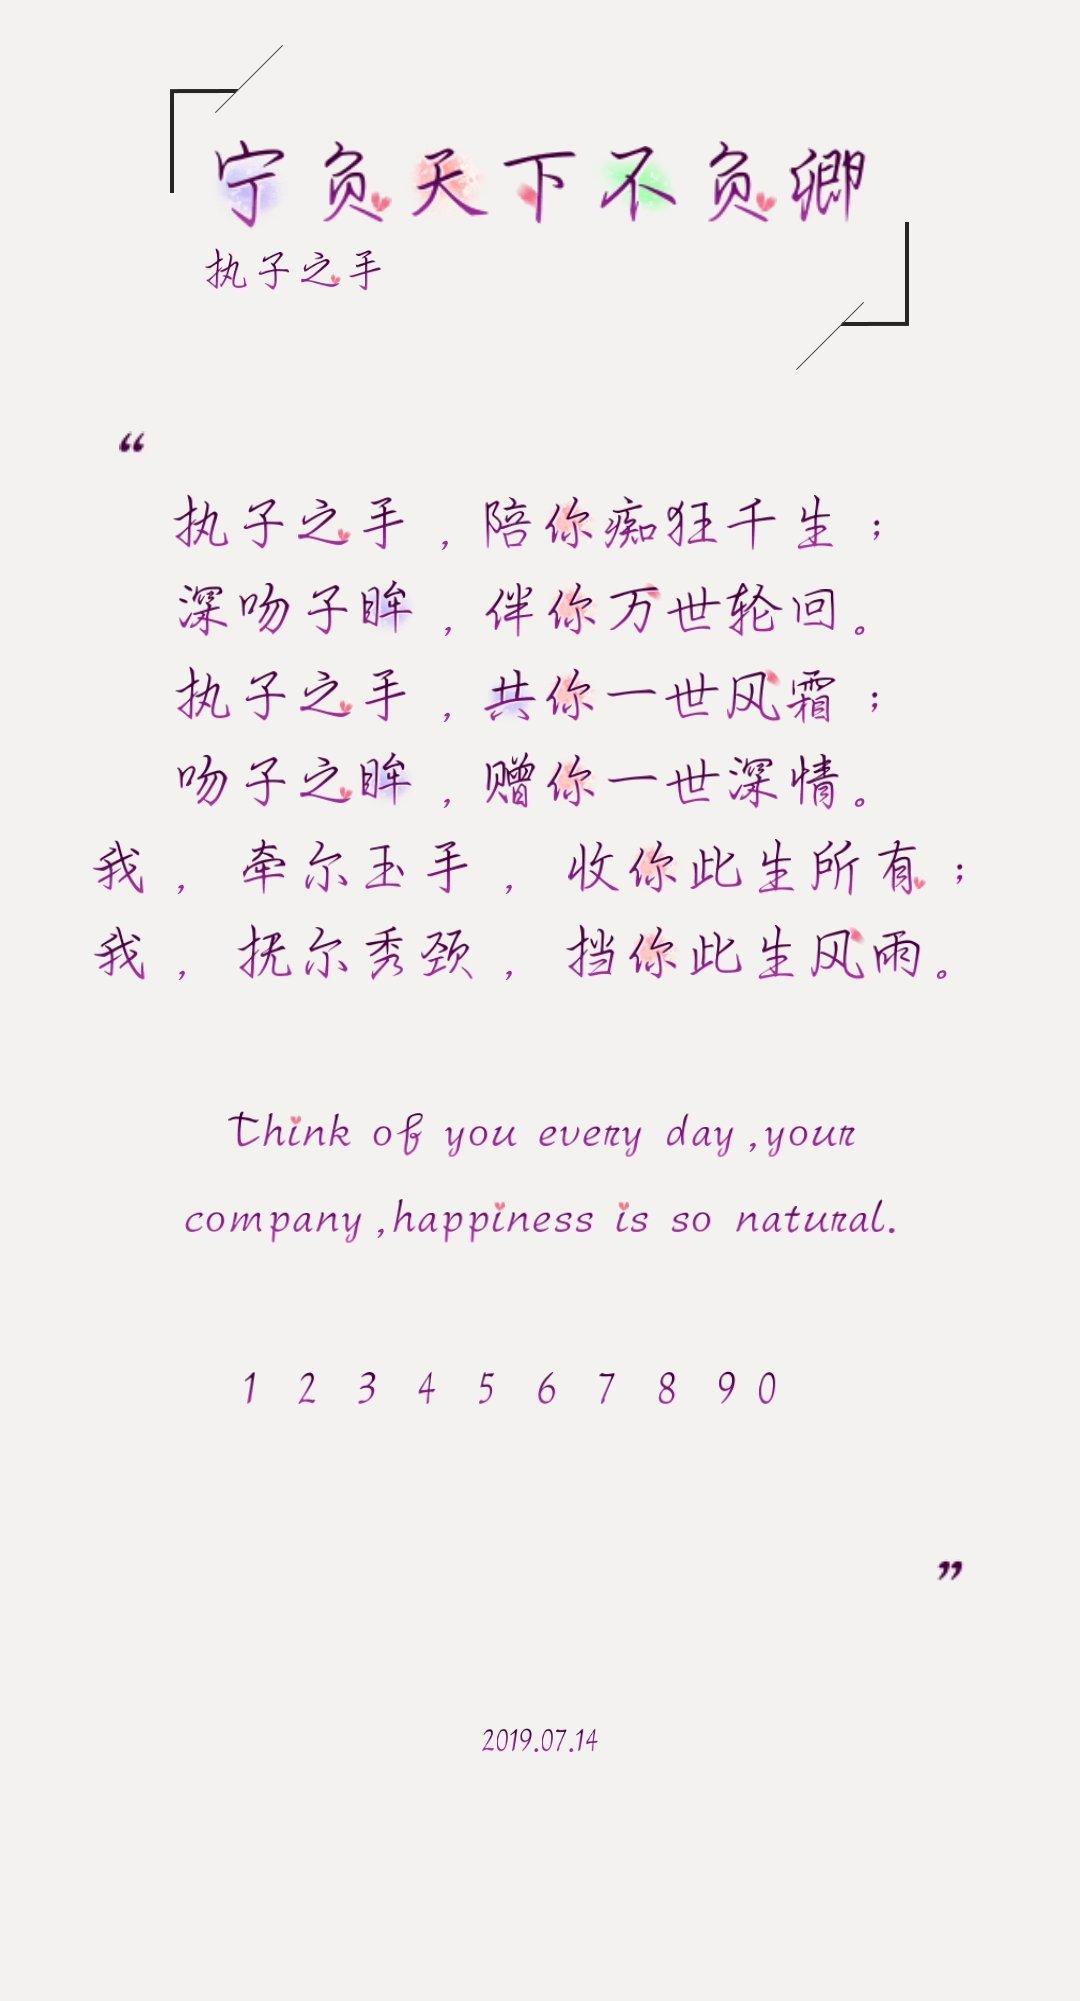 【字体】oppo彩色直装字体宁负天下不负卿(含ttf)-www.im86.com